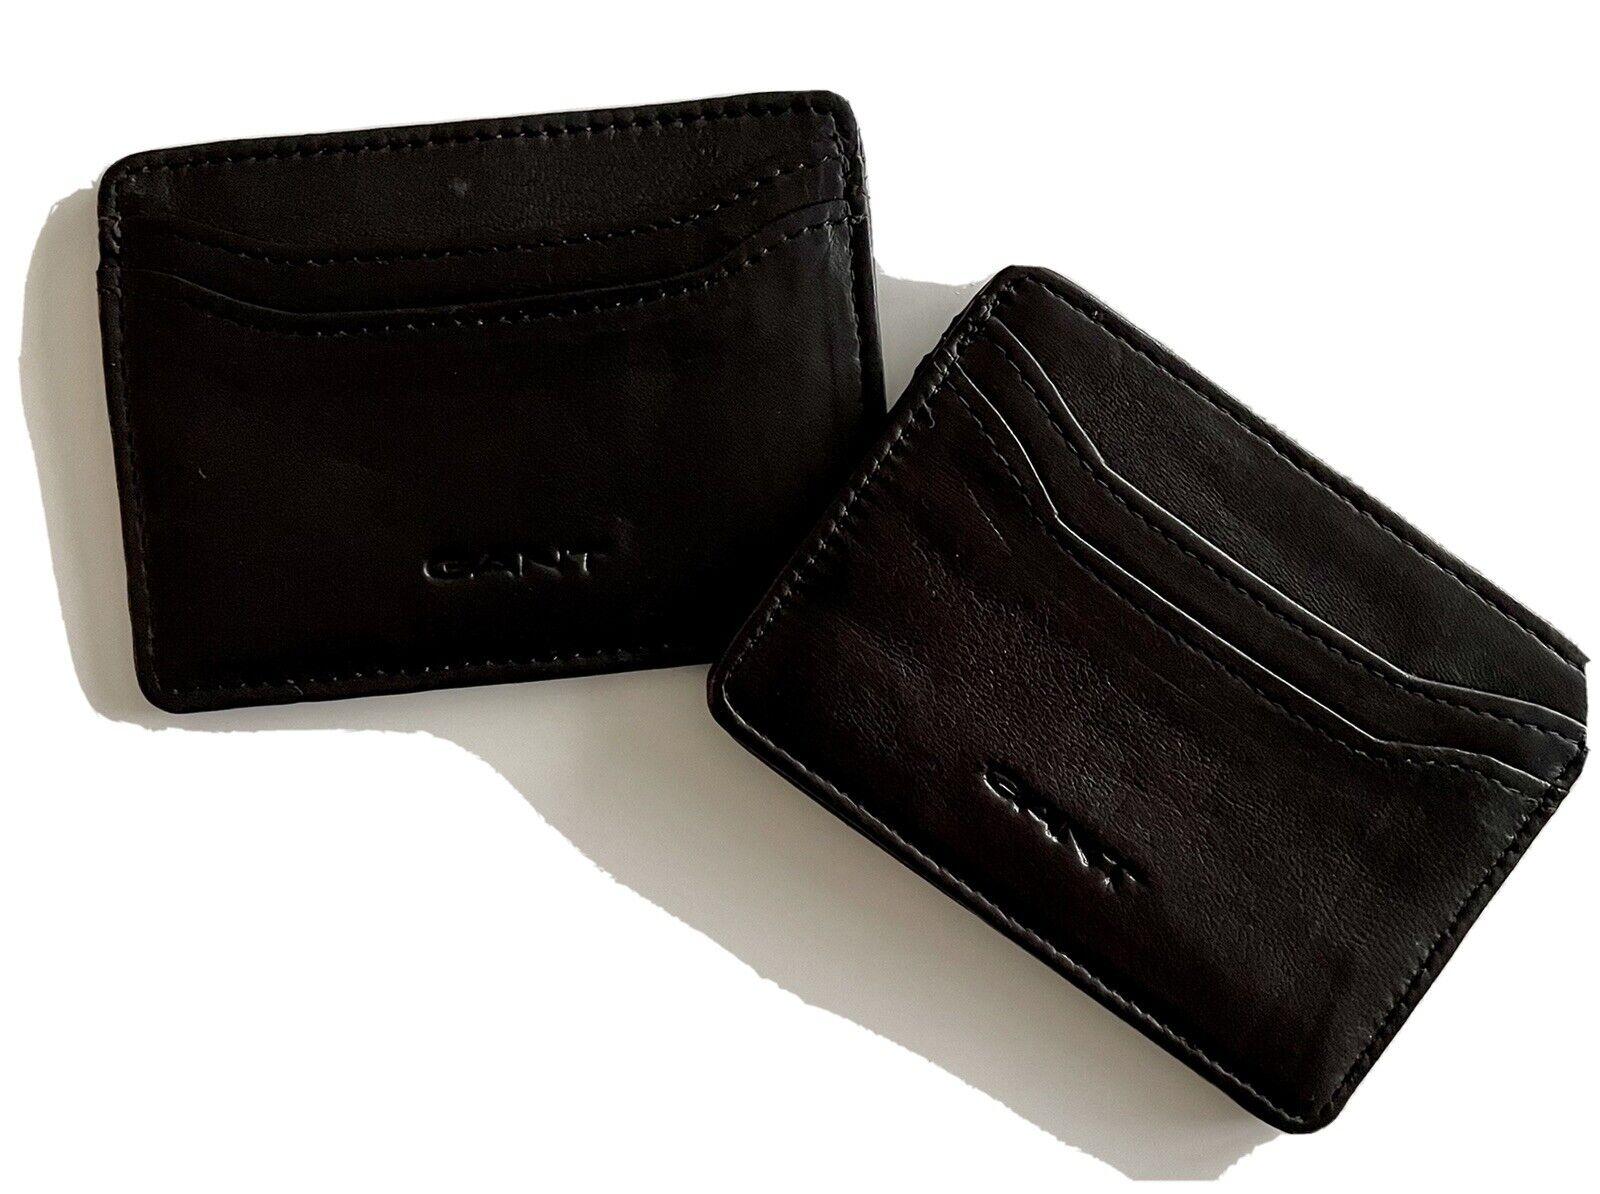 2 GANT Kreditkartenhüllen (schwarz und dunkelbraun)